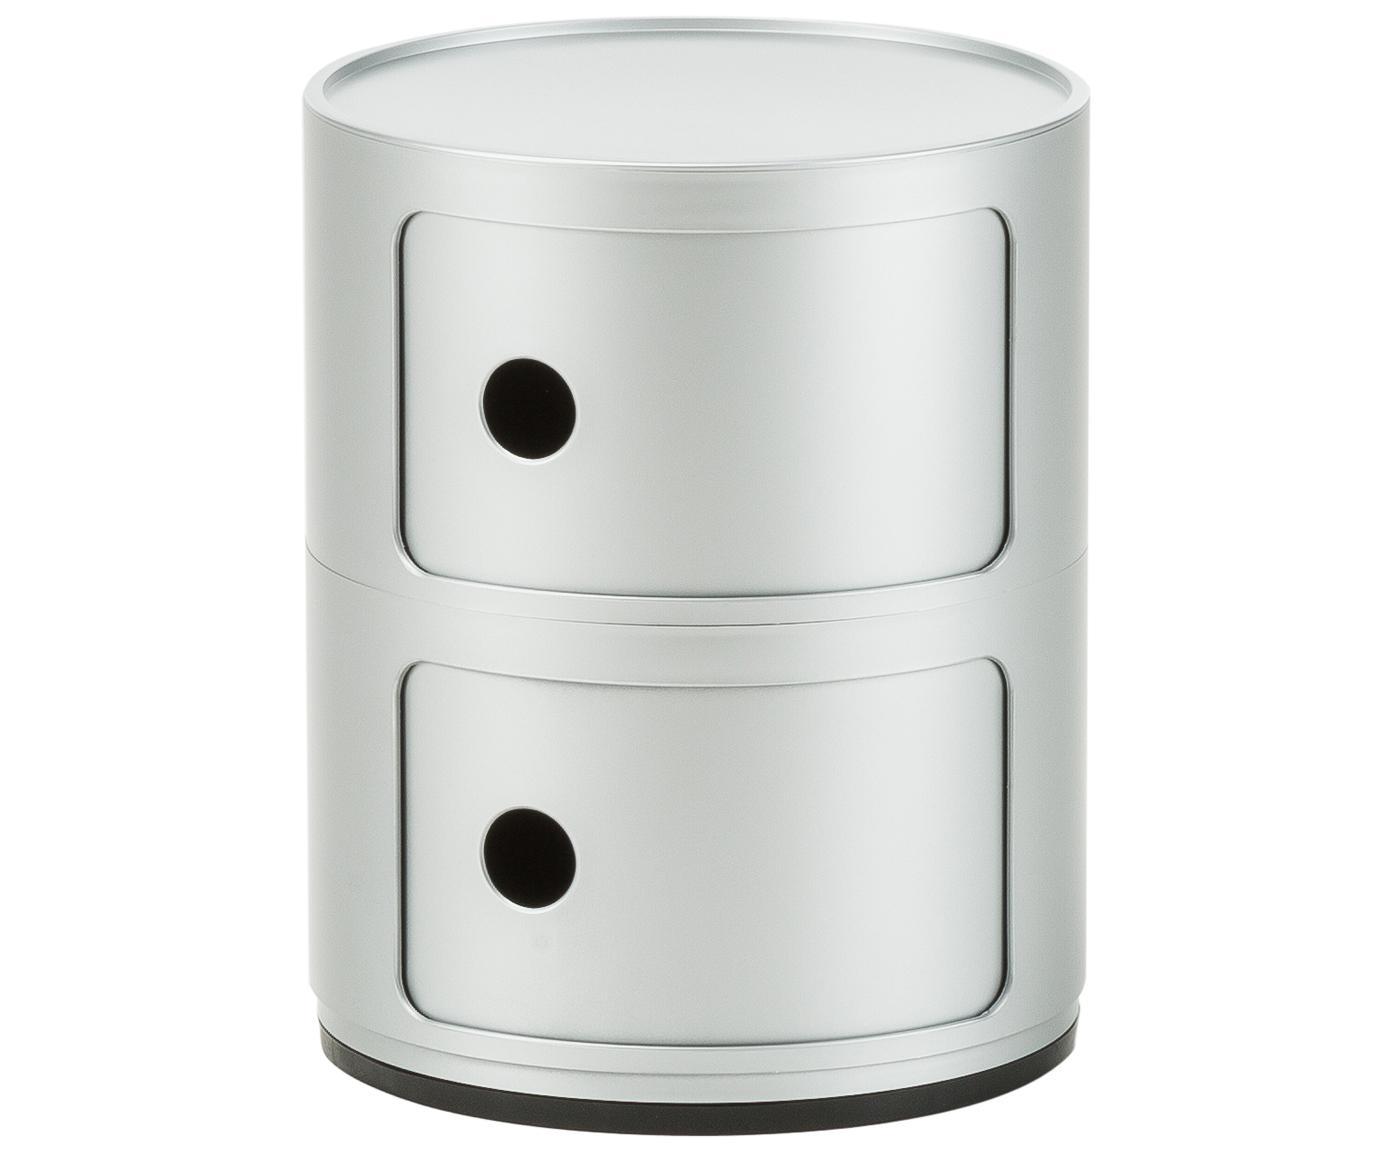 Mały stolik pomocniczy Componibile, Tworzywo sztuczne, Odcienie srebrnego, Ø 32 x W 40 cm